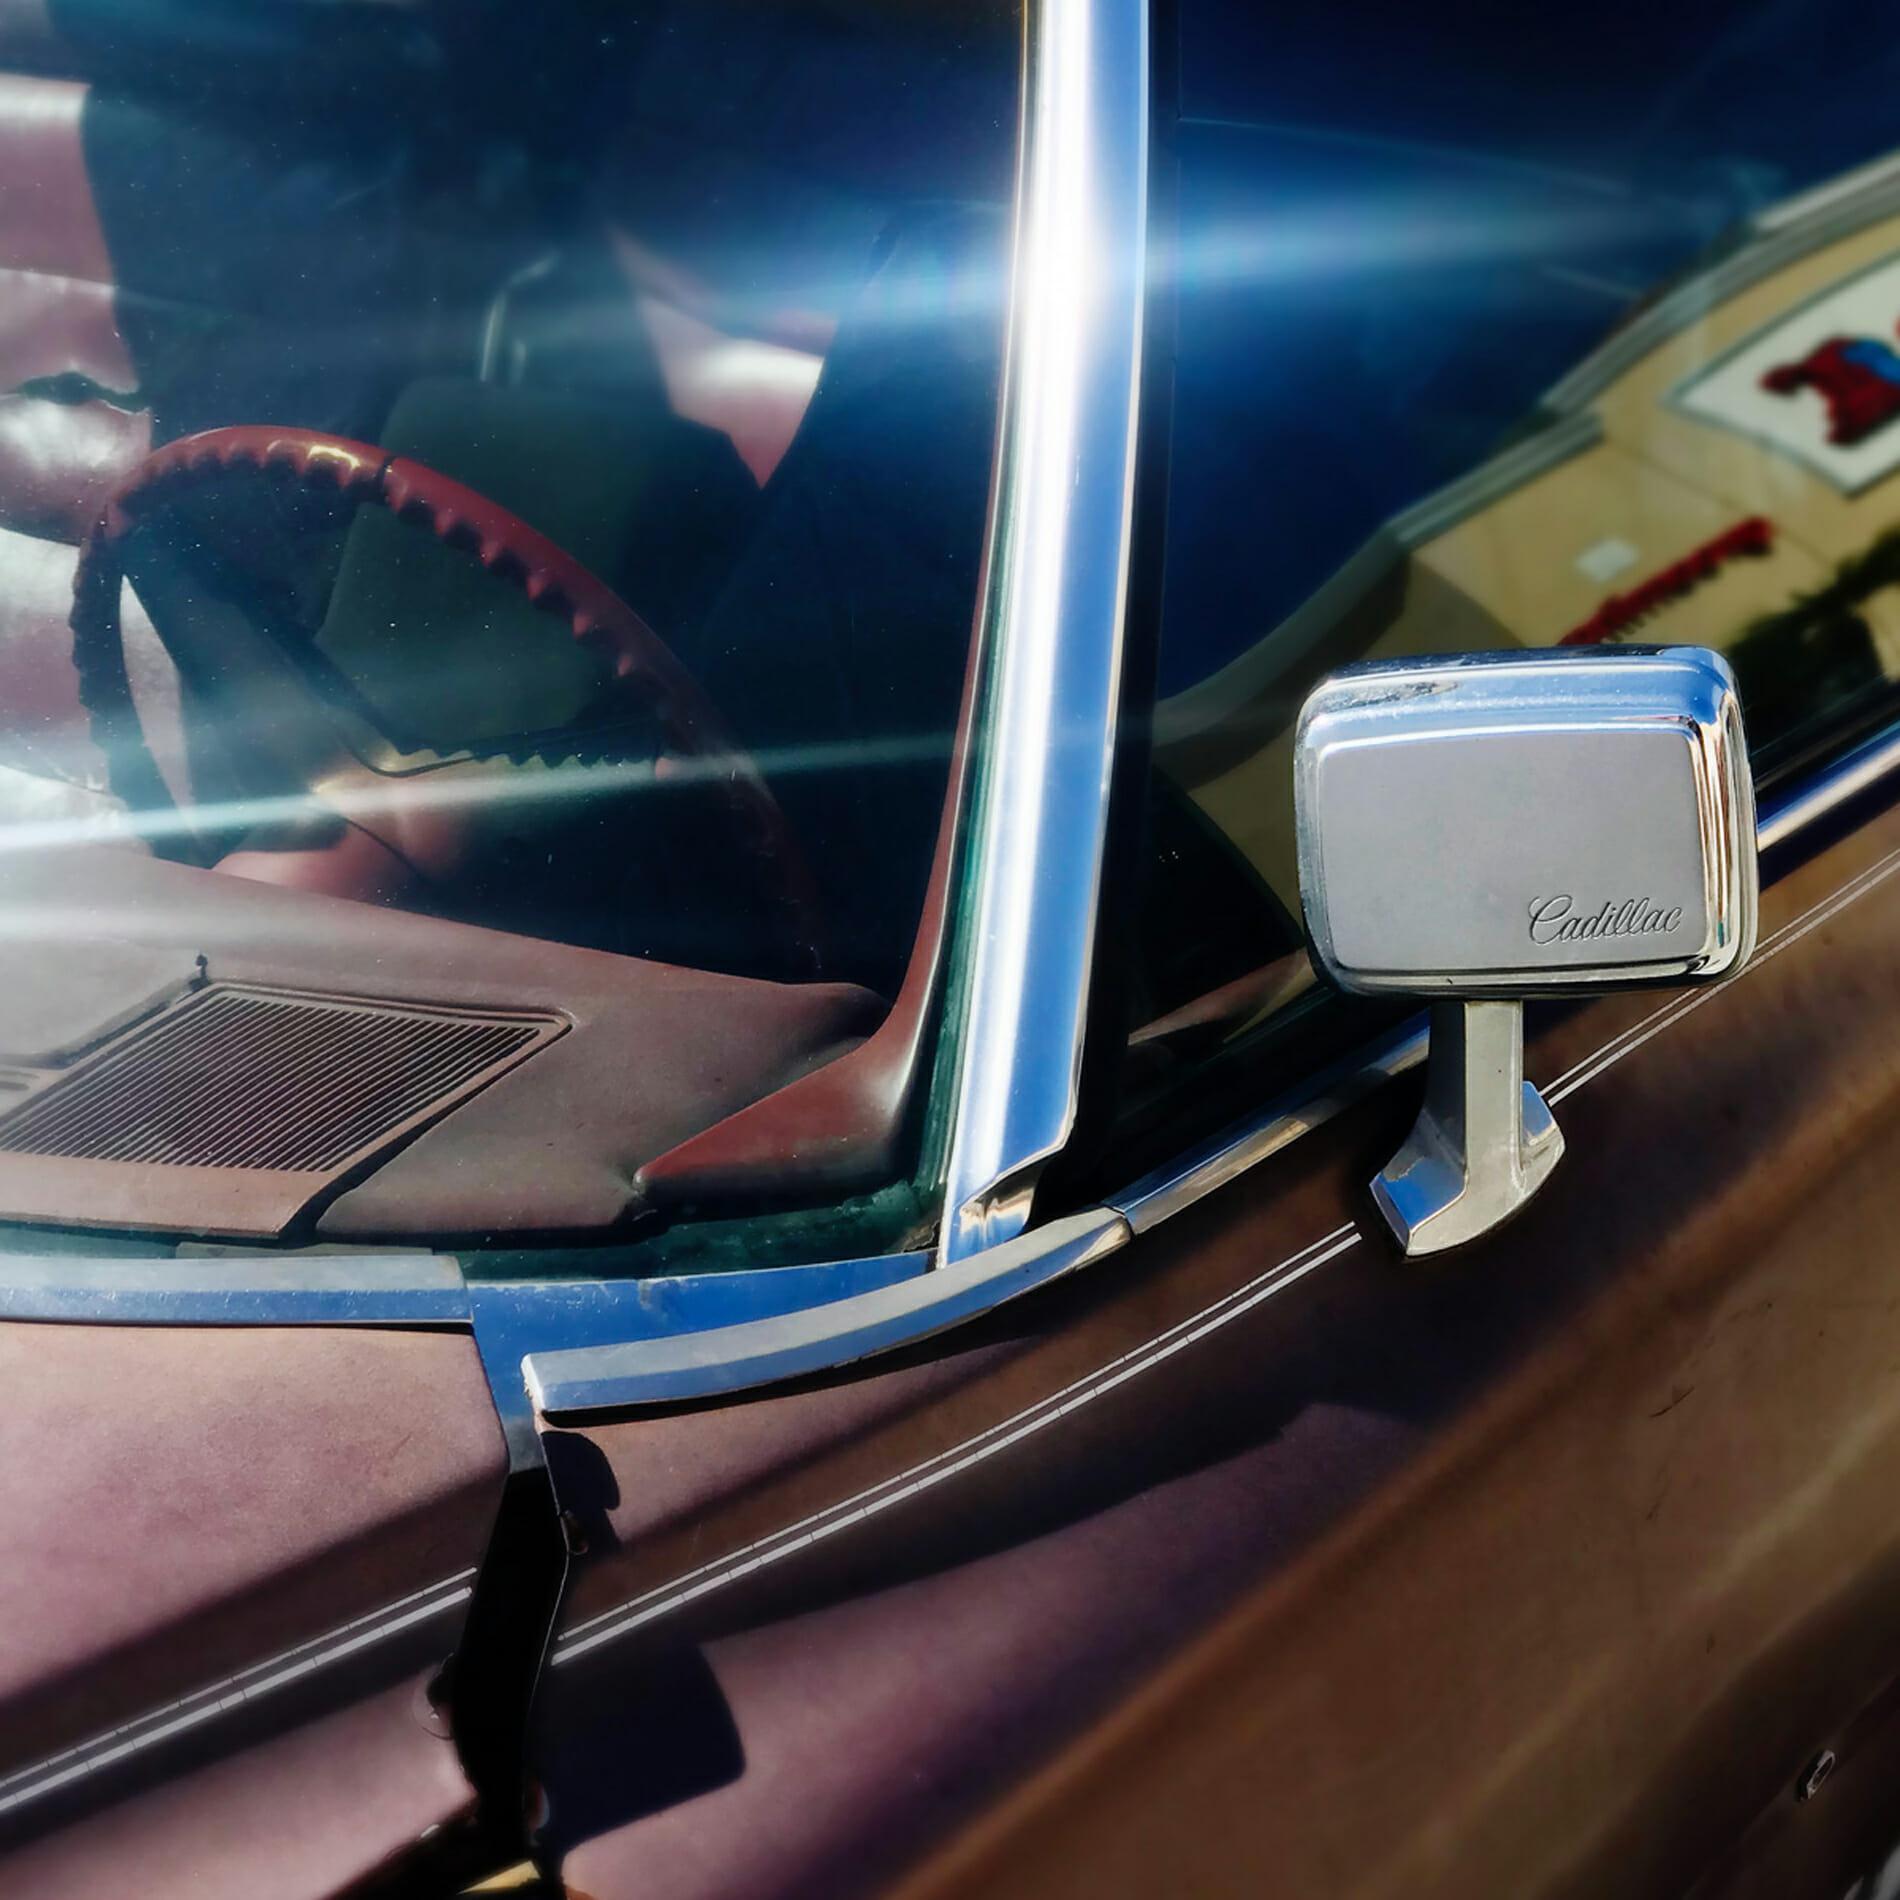 Cadillac mirror